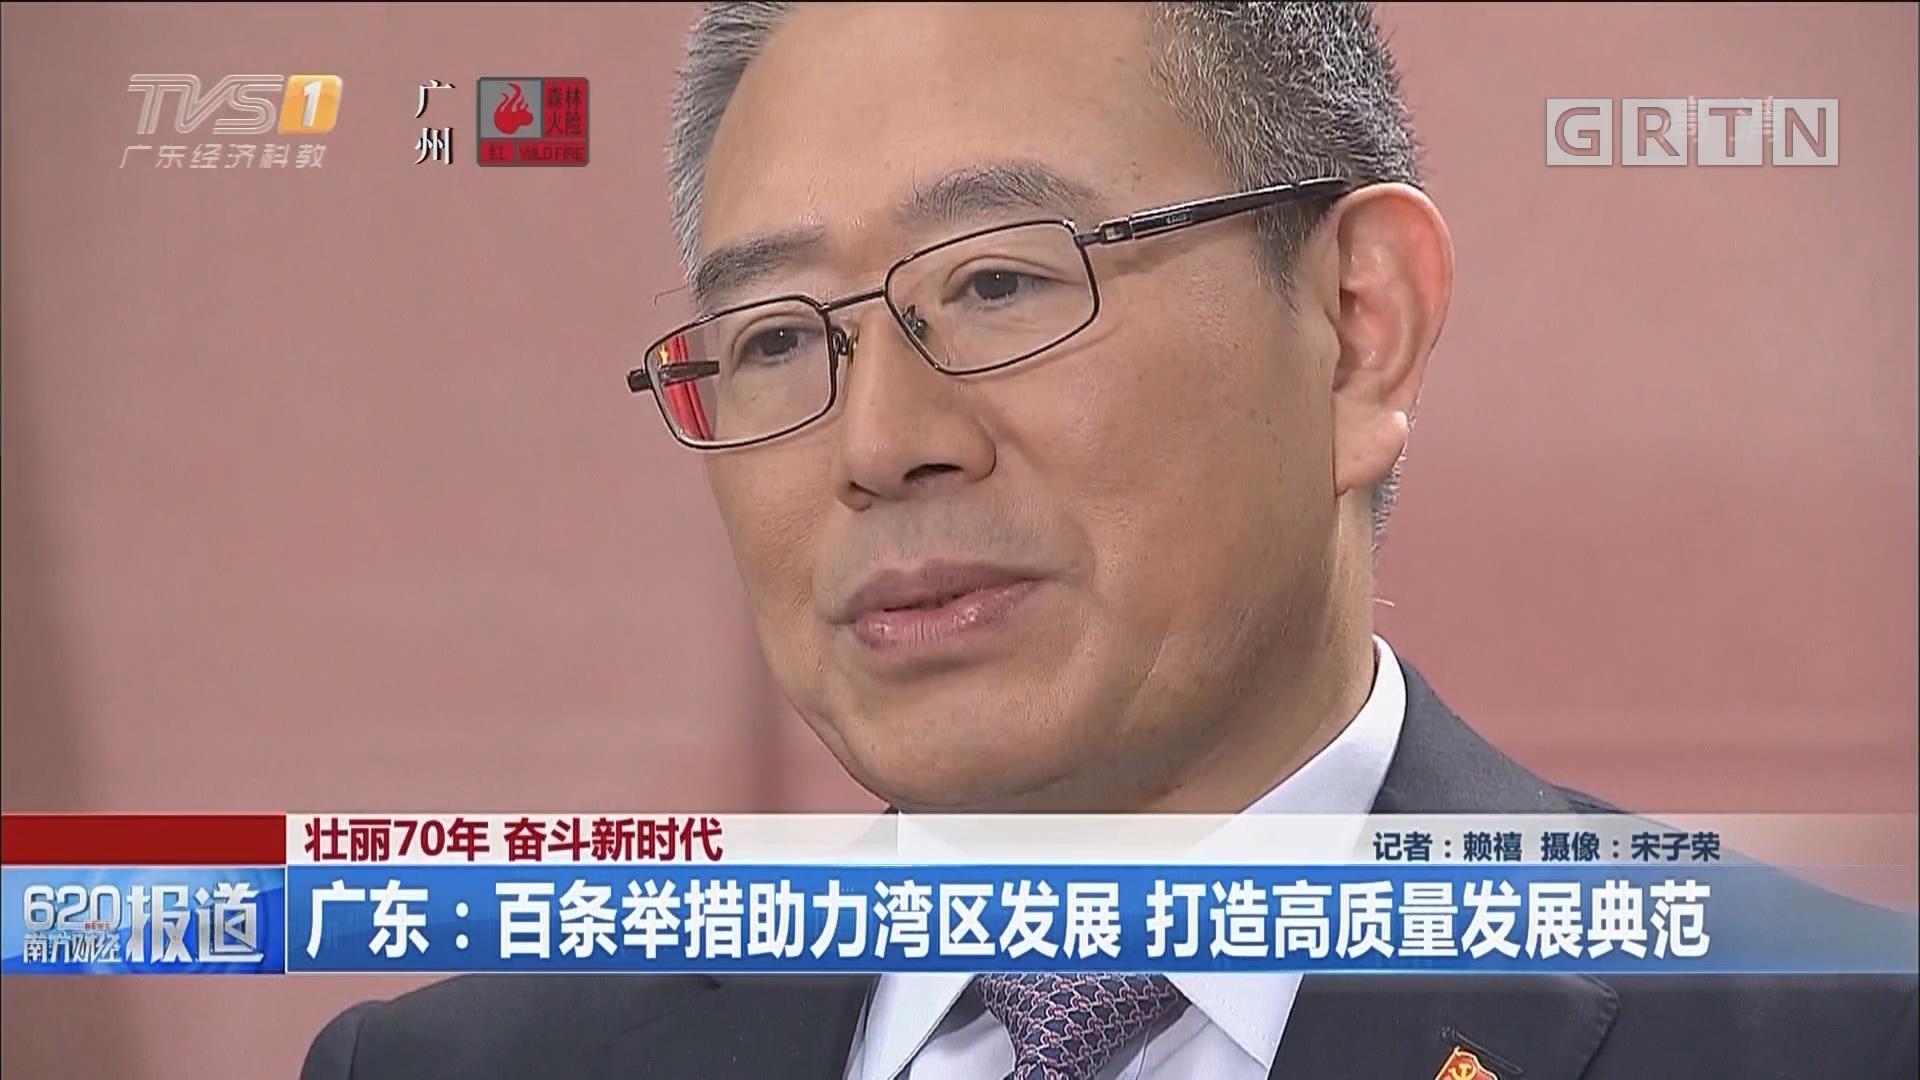 壮丽70年 奋斗新时代 广东:百条举措助力湾区发展 打造高质量发展典范